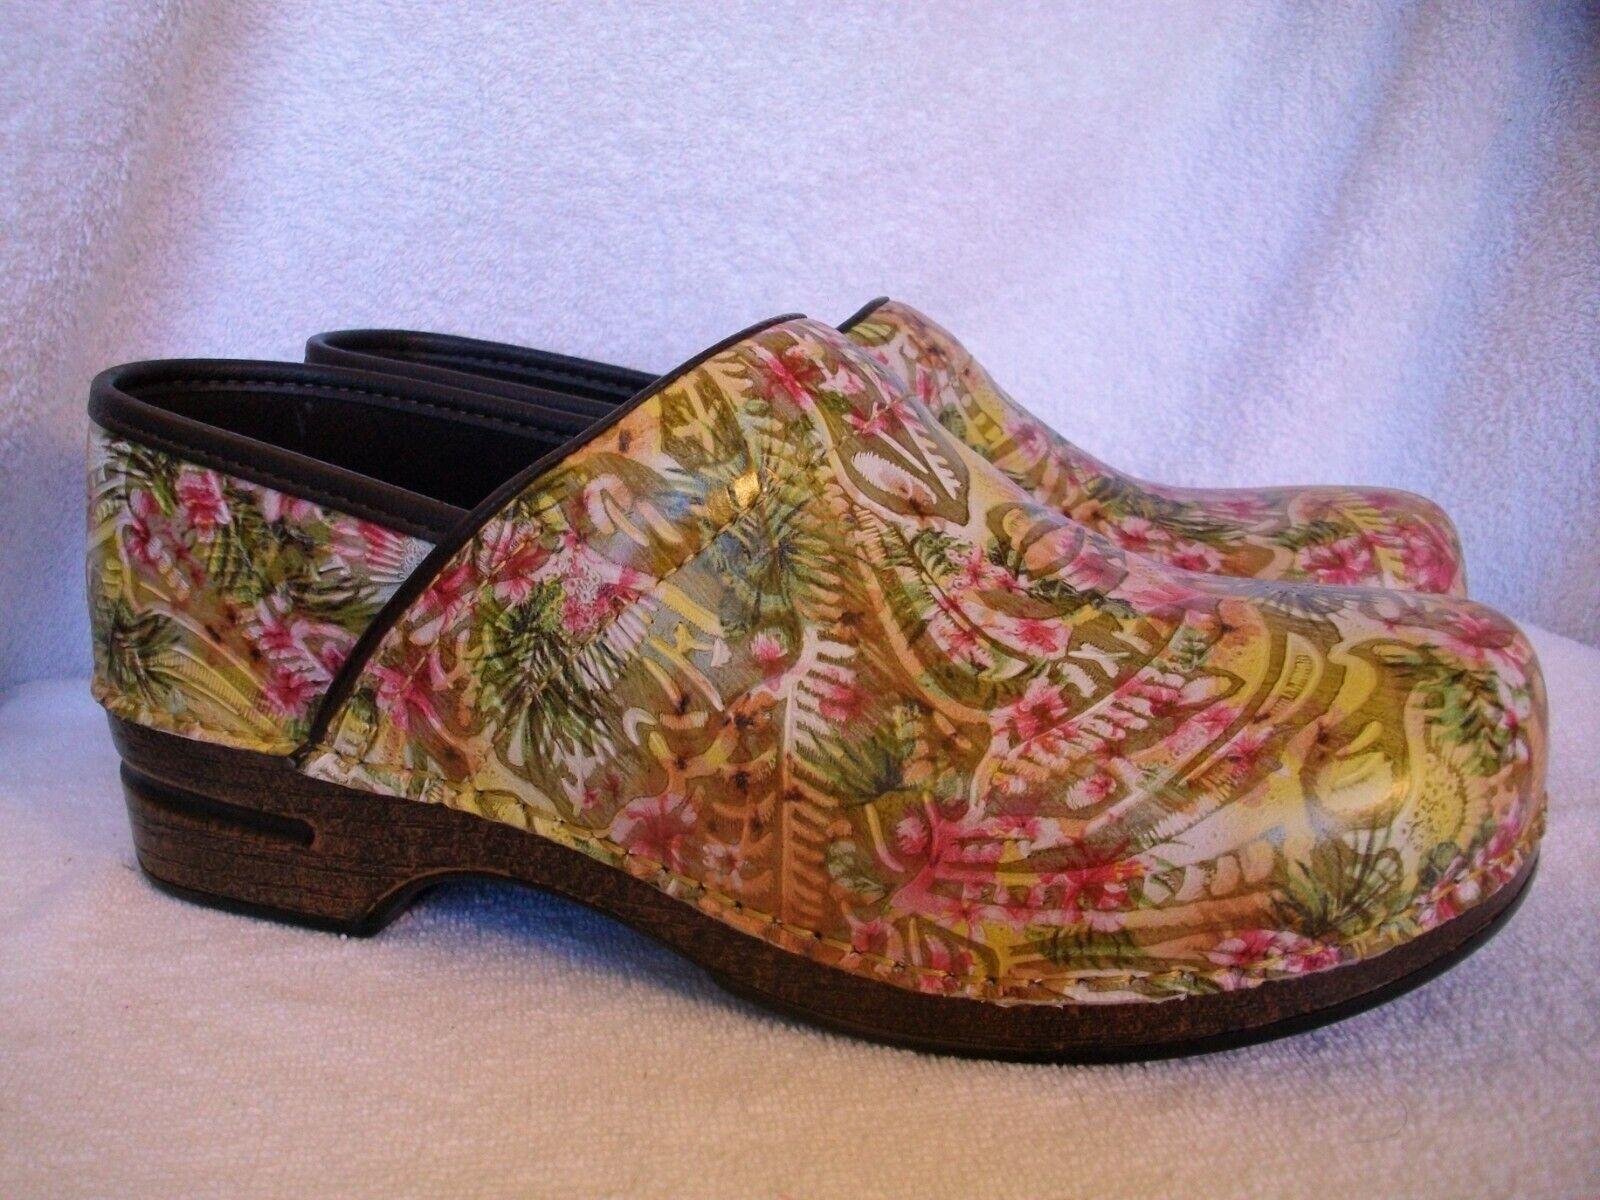 Nouveau Femmes Dansko Pro XP Cuir Vintage Floral Slip-on Clogs 42 11.5-12 US